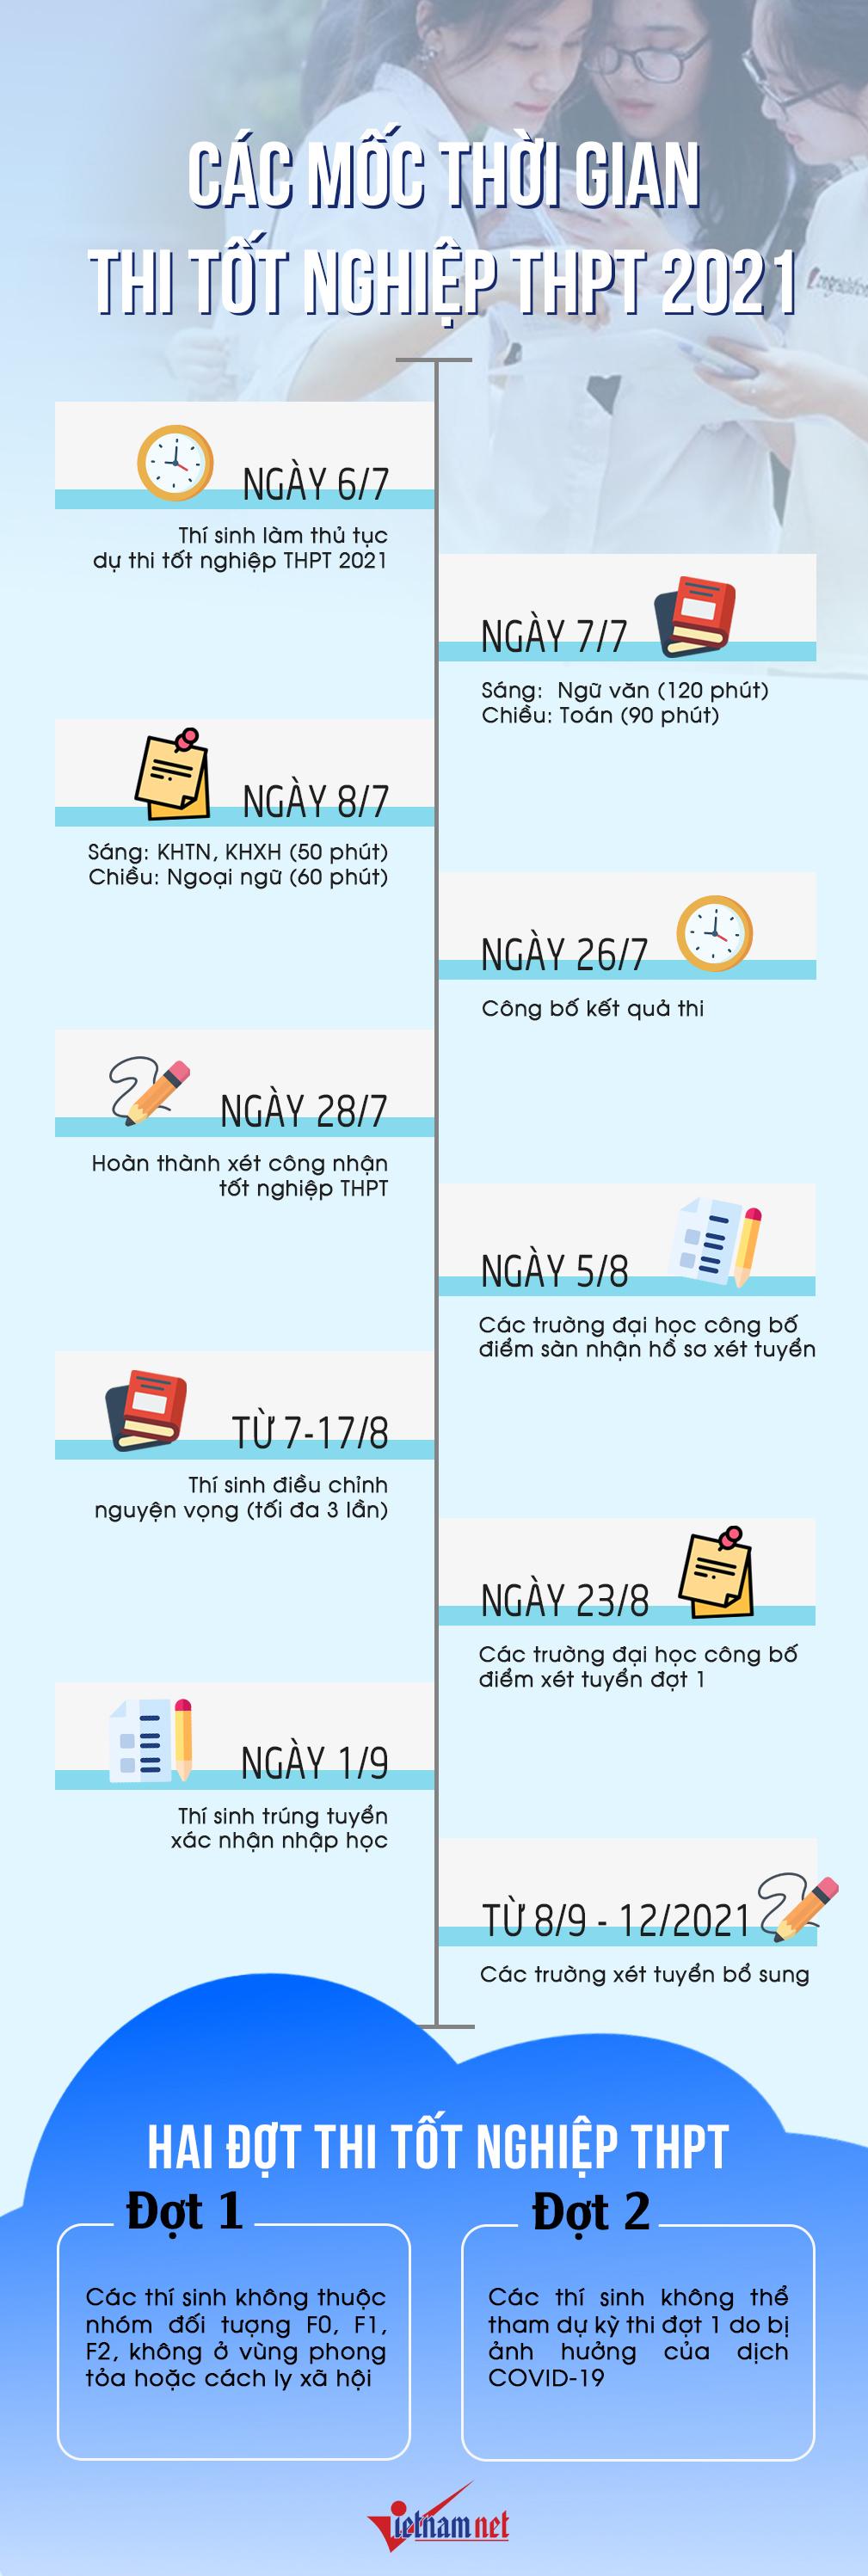 Tra cứu điểm thi tốt nghiệp THPT năm 2021 trên VietNamNet-3